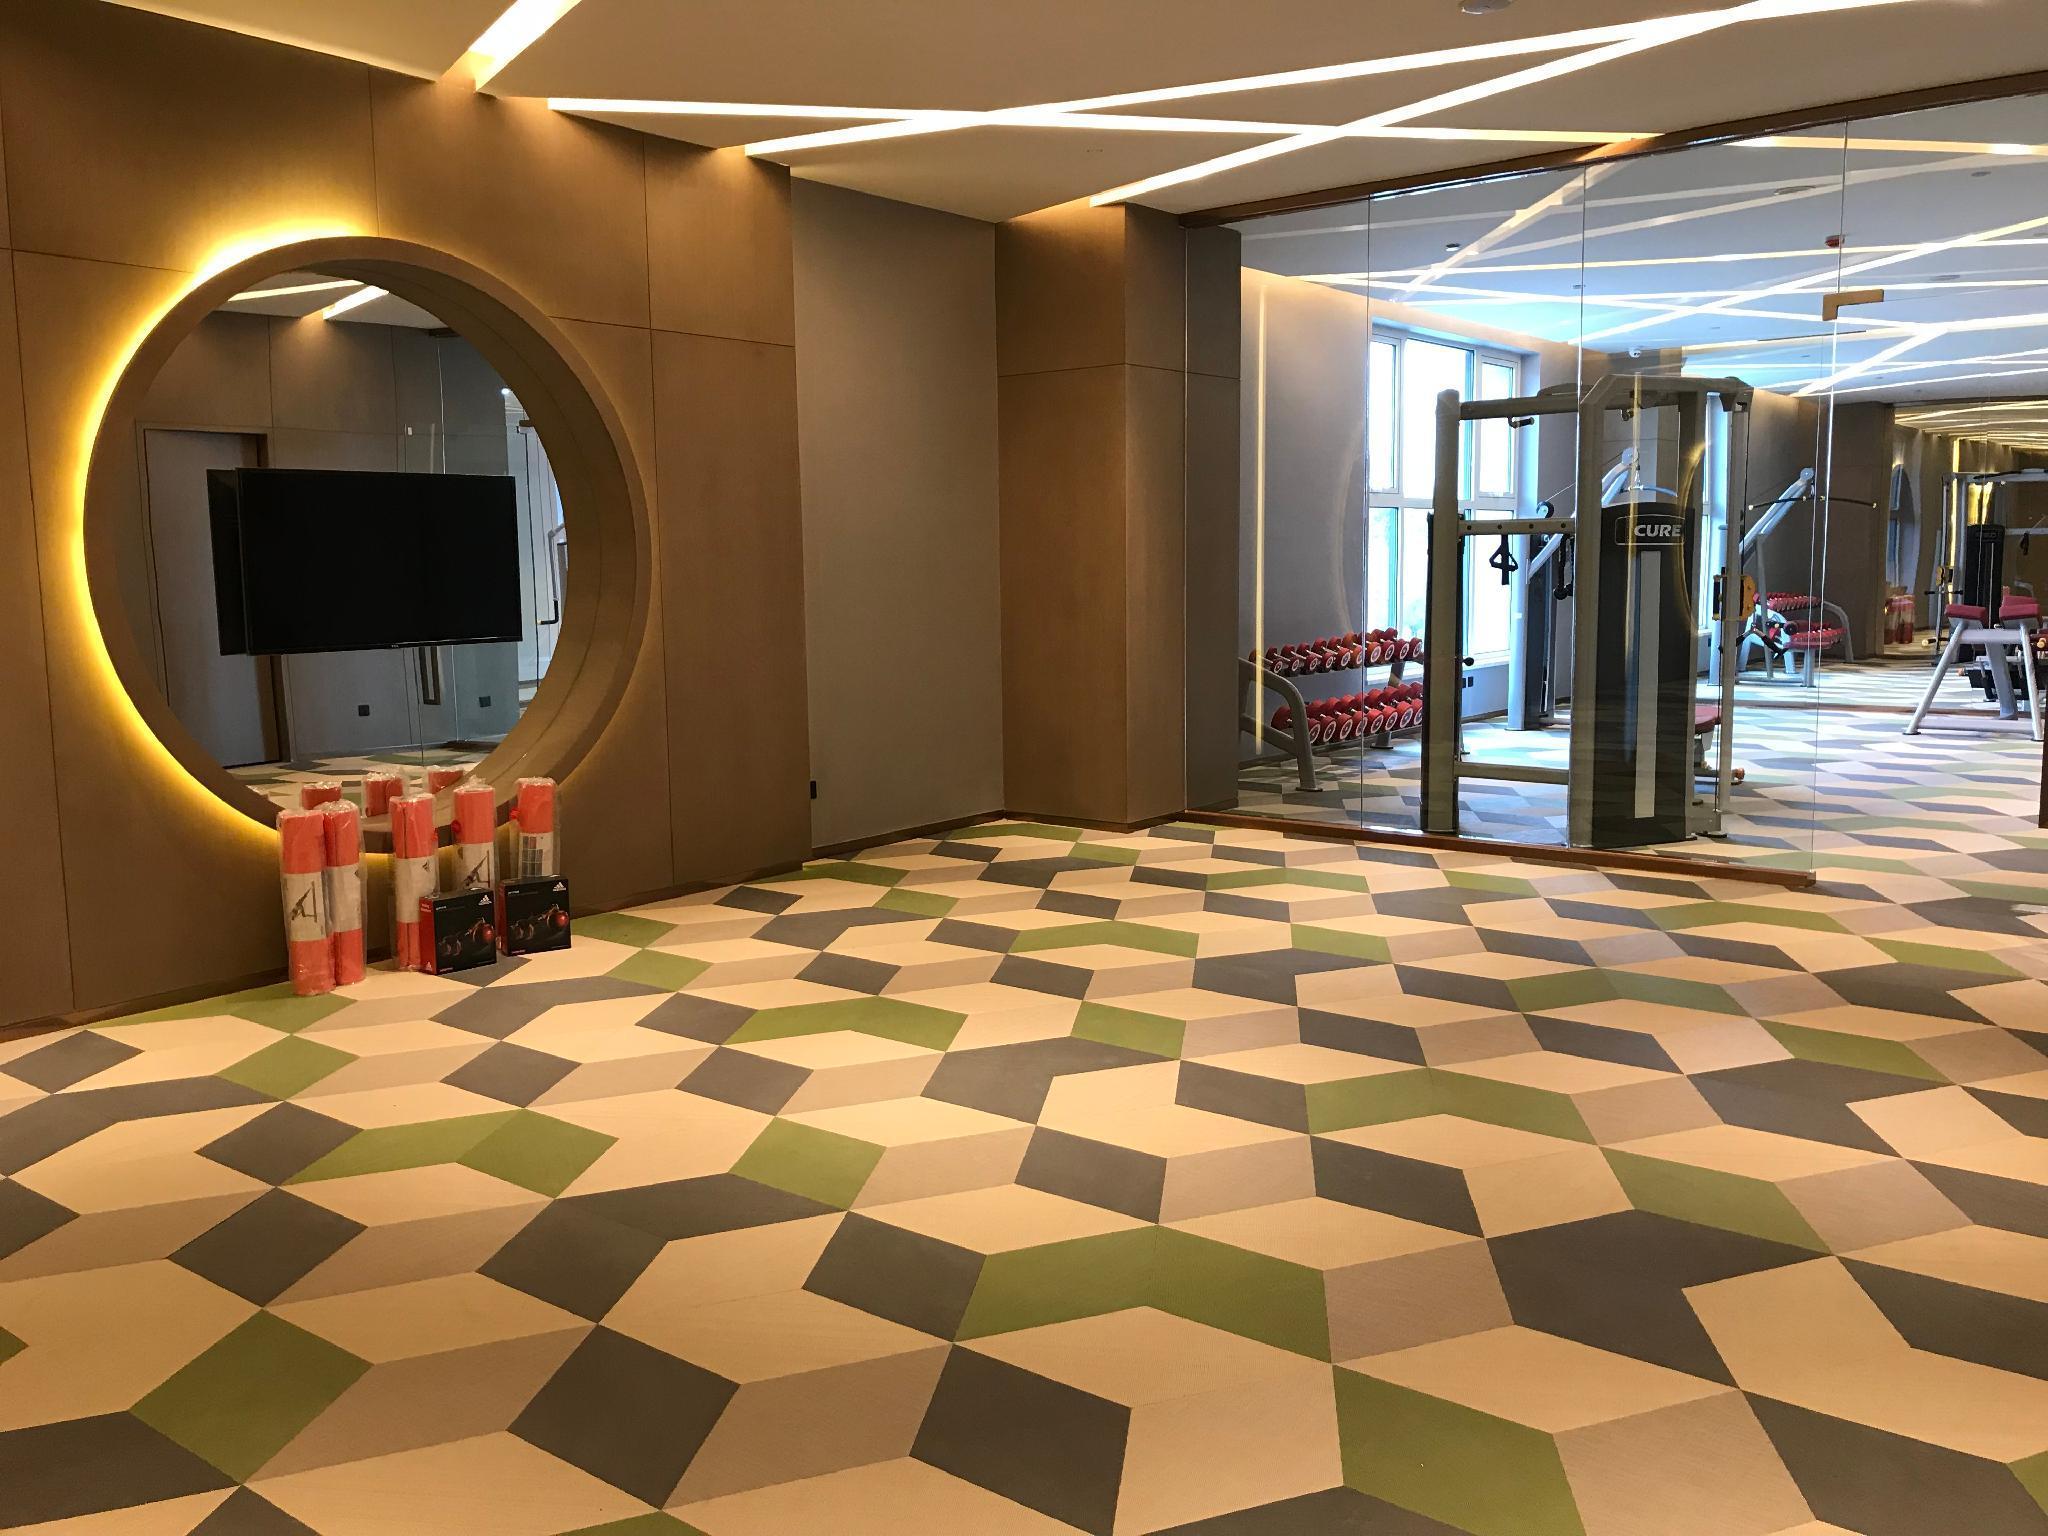 Holiday Inn Express Langfang New Chaoyang